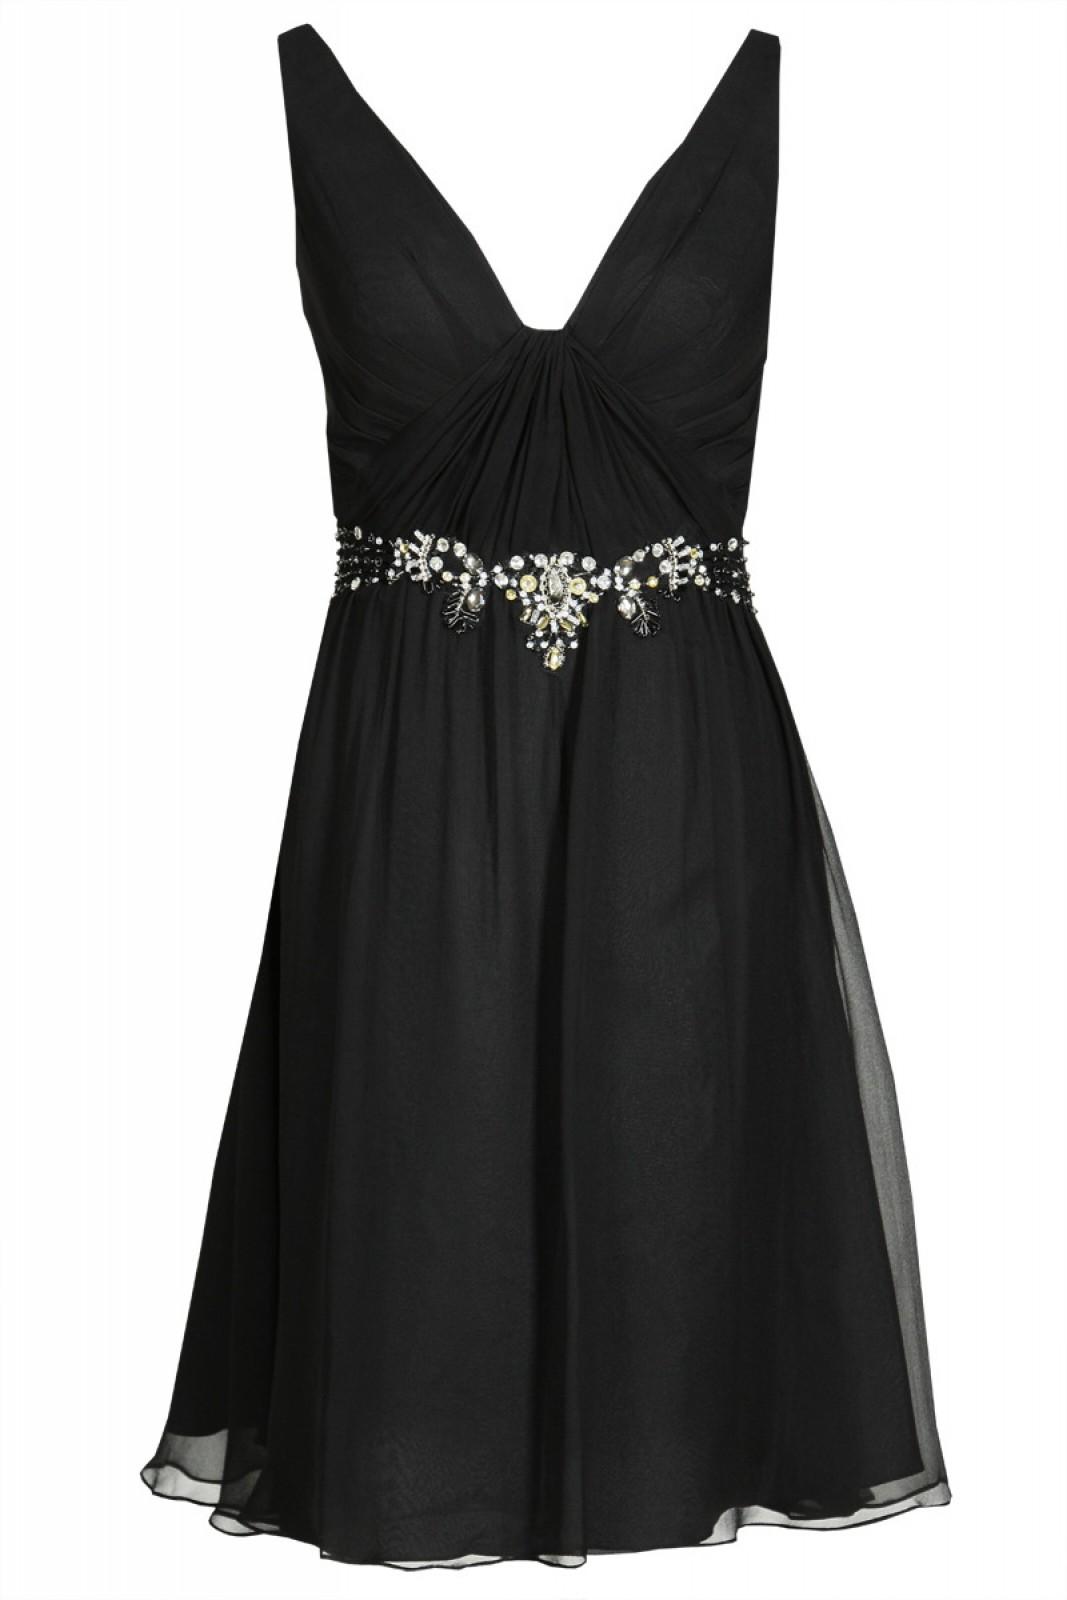 Romantisches Partykleid mit Schal aus feiner Seide, schwarz - ...